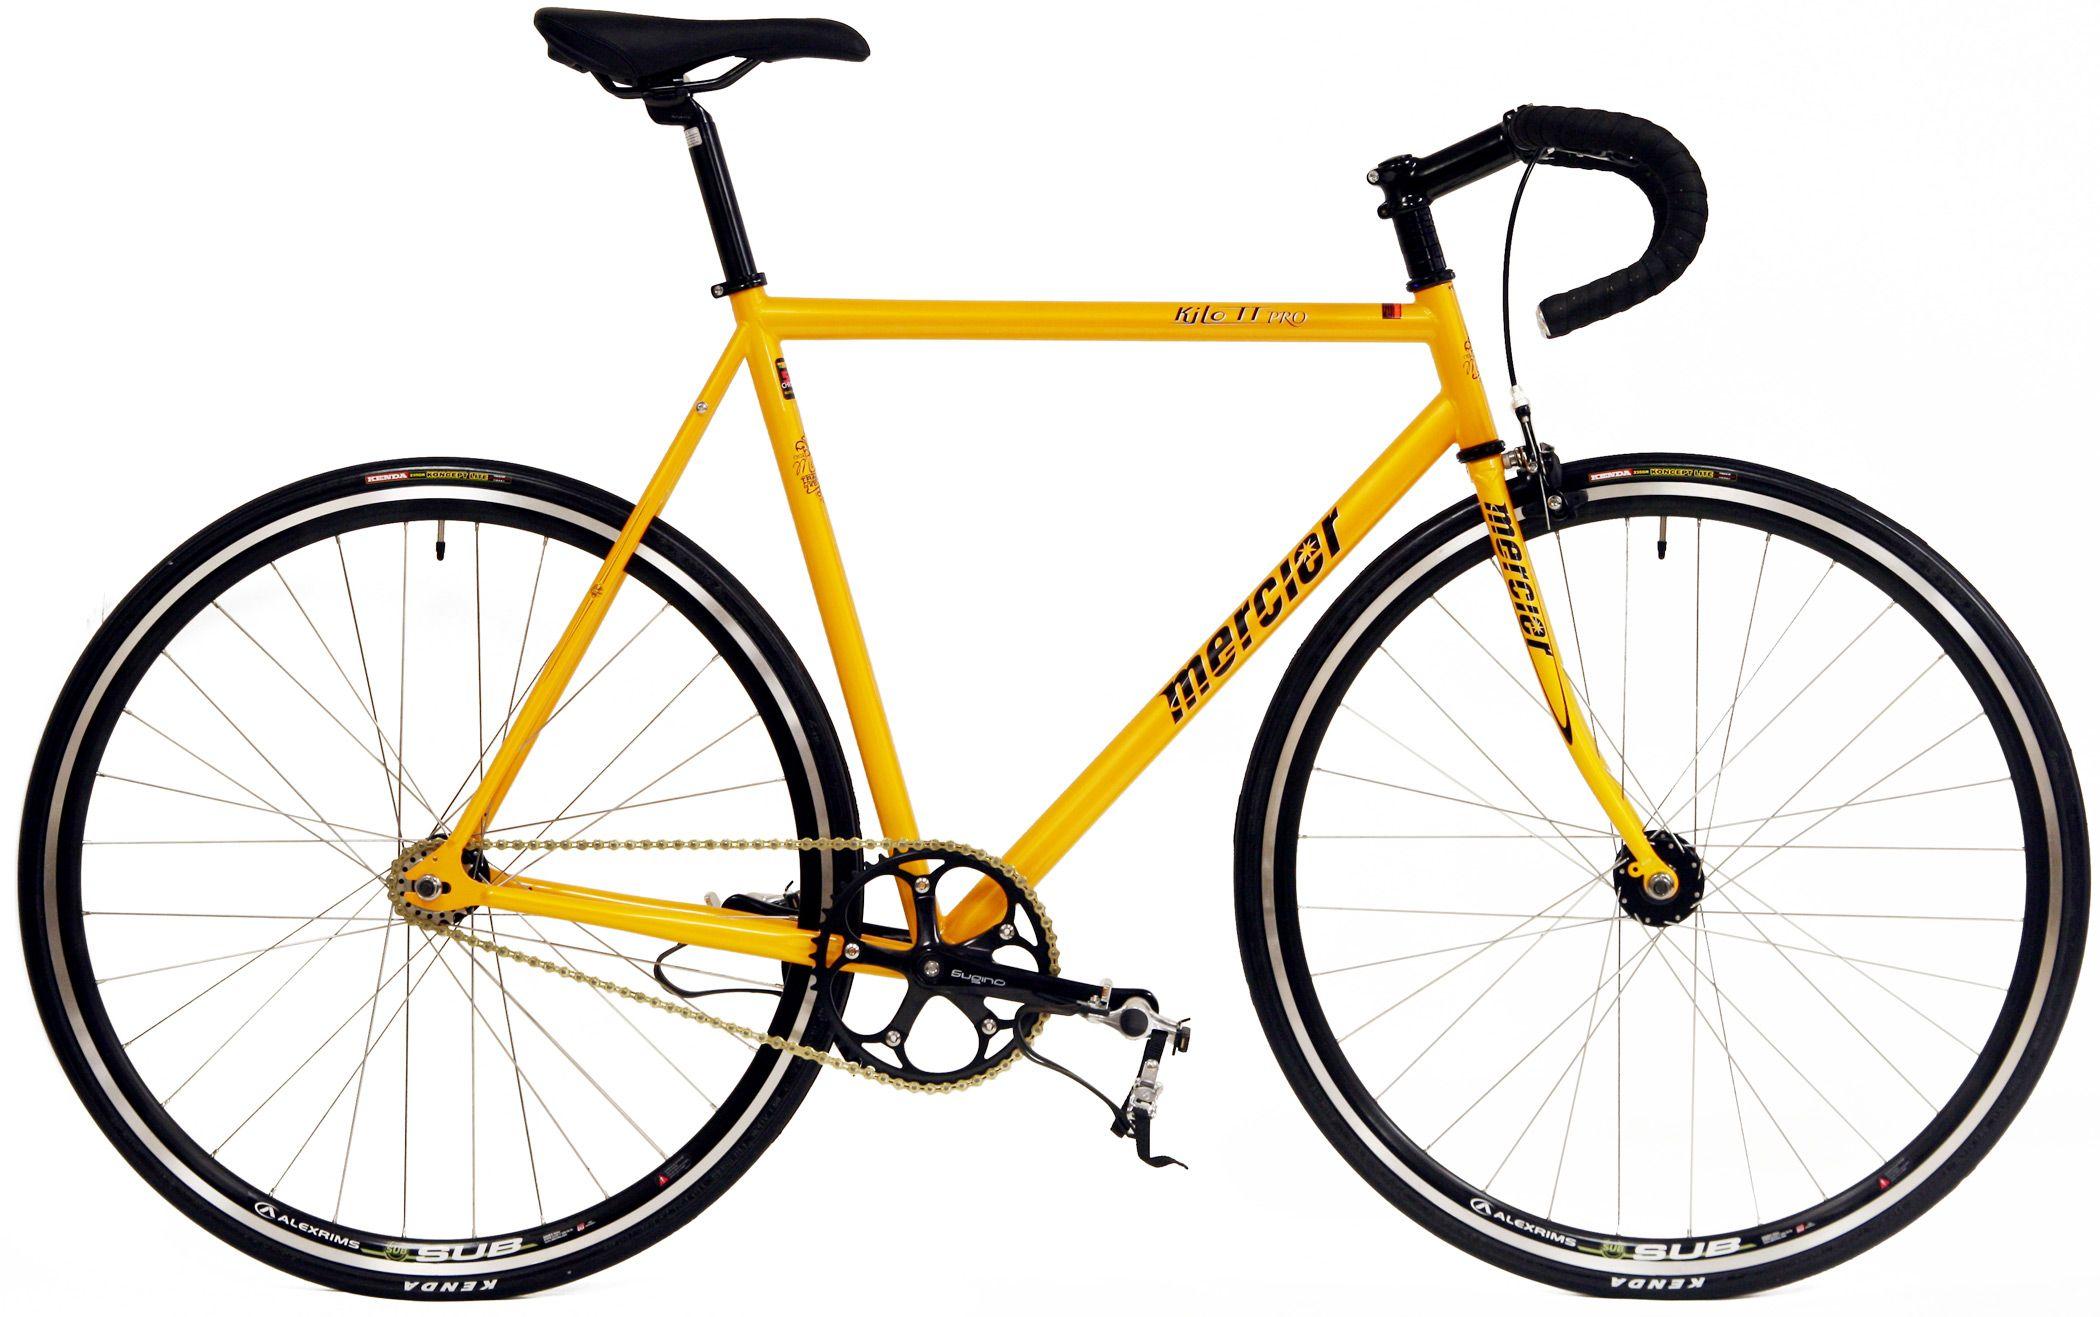 Mercier Kilo TT Pro Track Bike | Proper Bikes | Pinterest